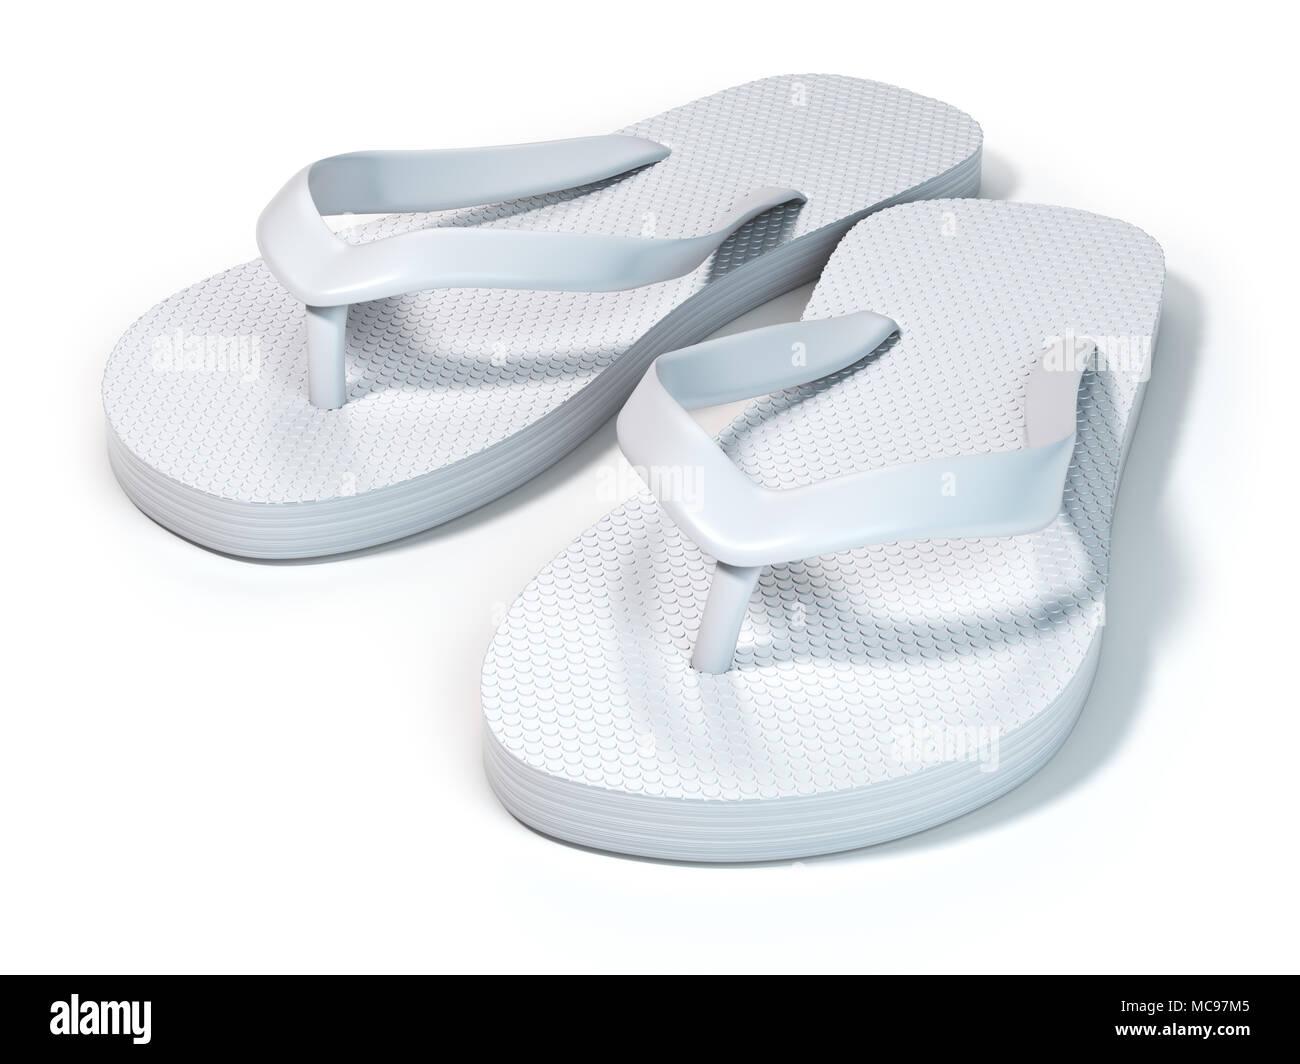 7009e0ef8dfcb White flip flops isolated on white background. 3d illustration - Stock Image